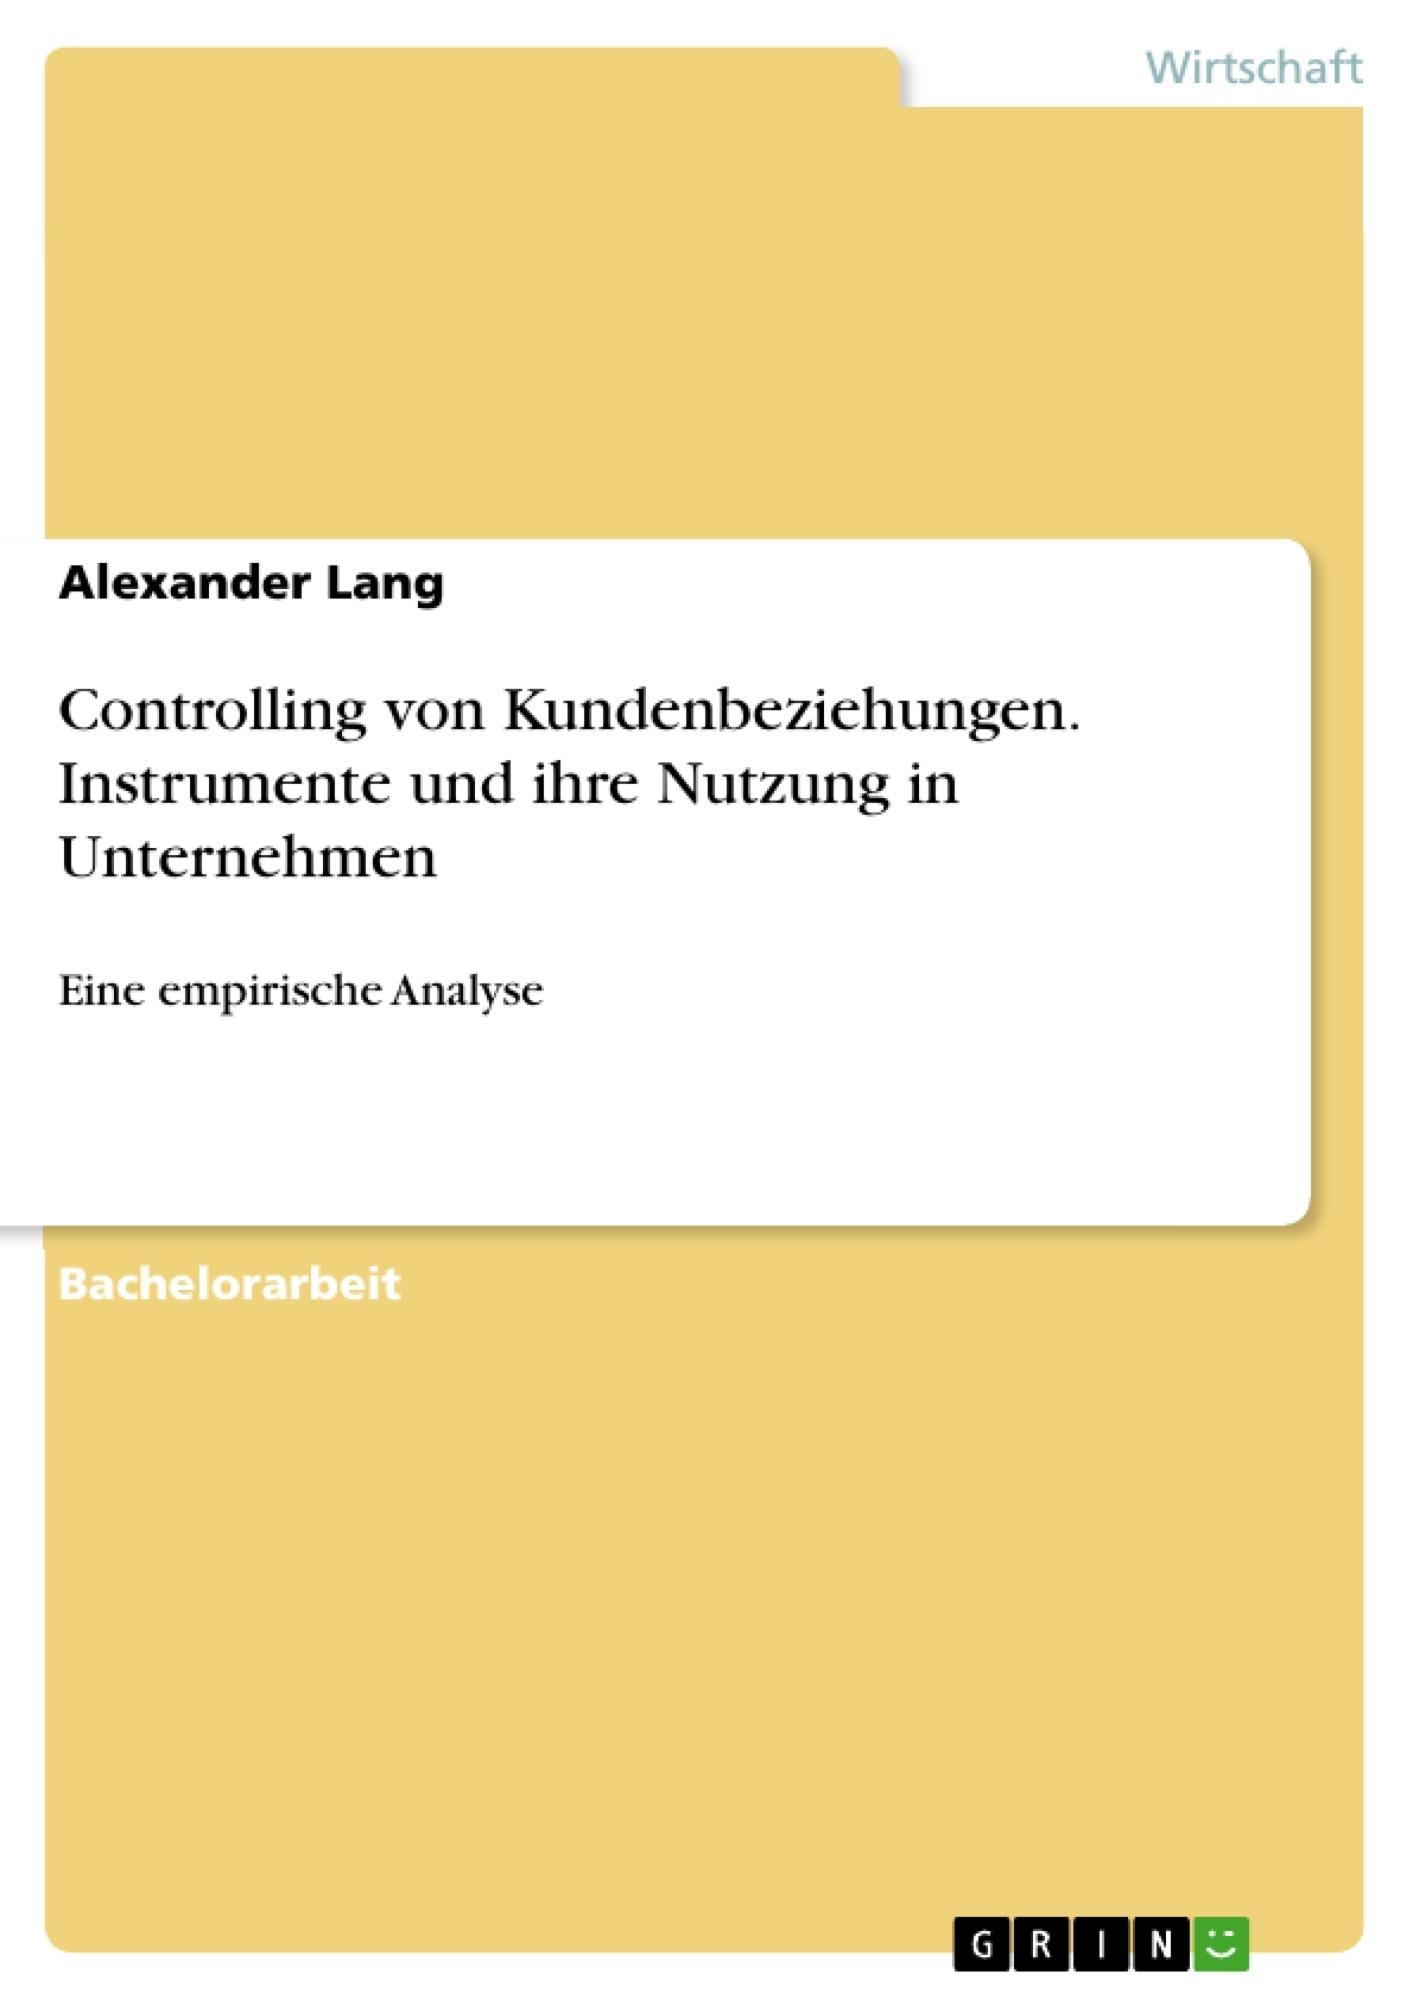 Titel: Controlling von Kundenbeziehungen. Instrumente und ihre Nutzung in Unternehmen